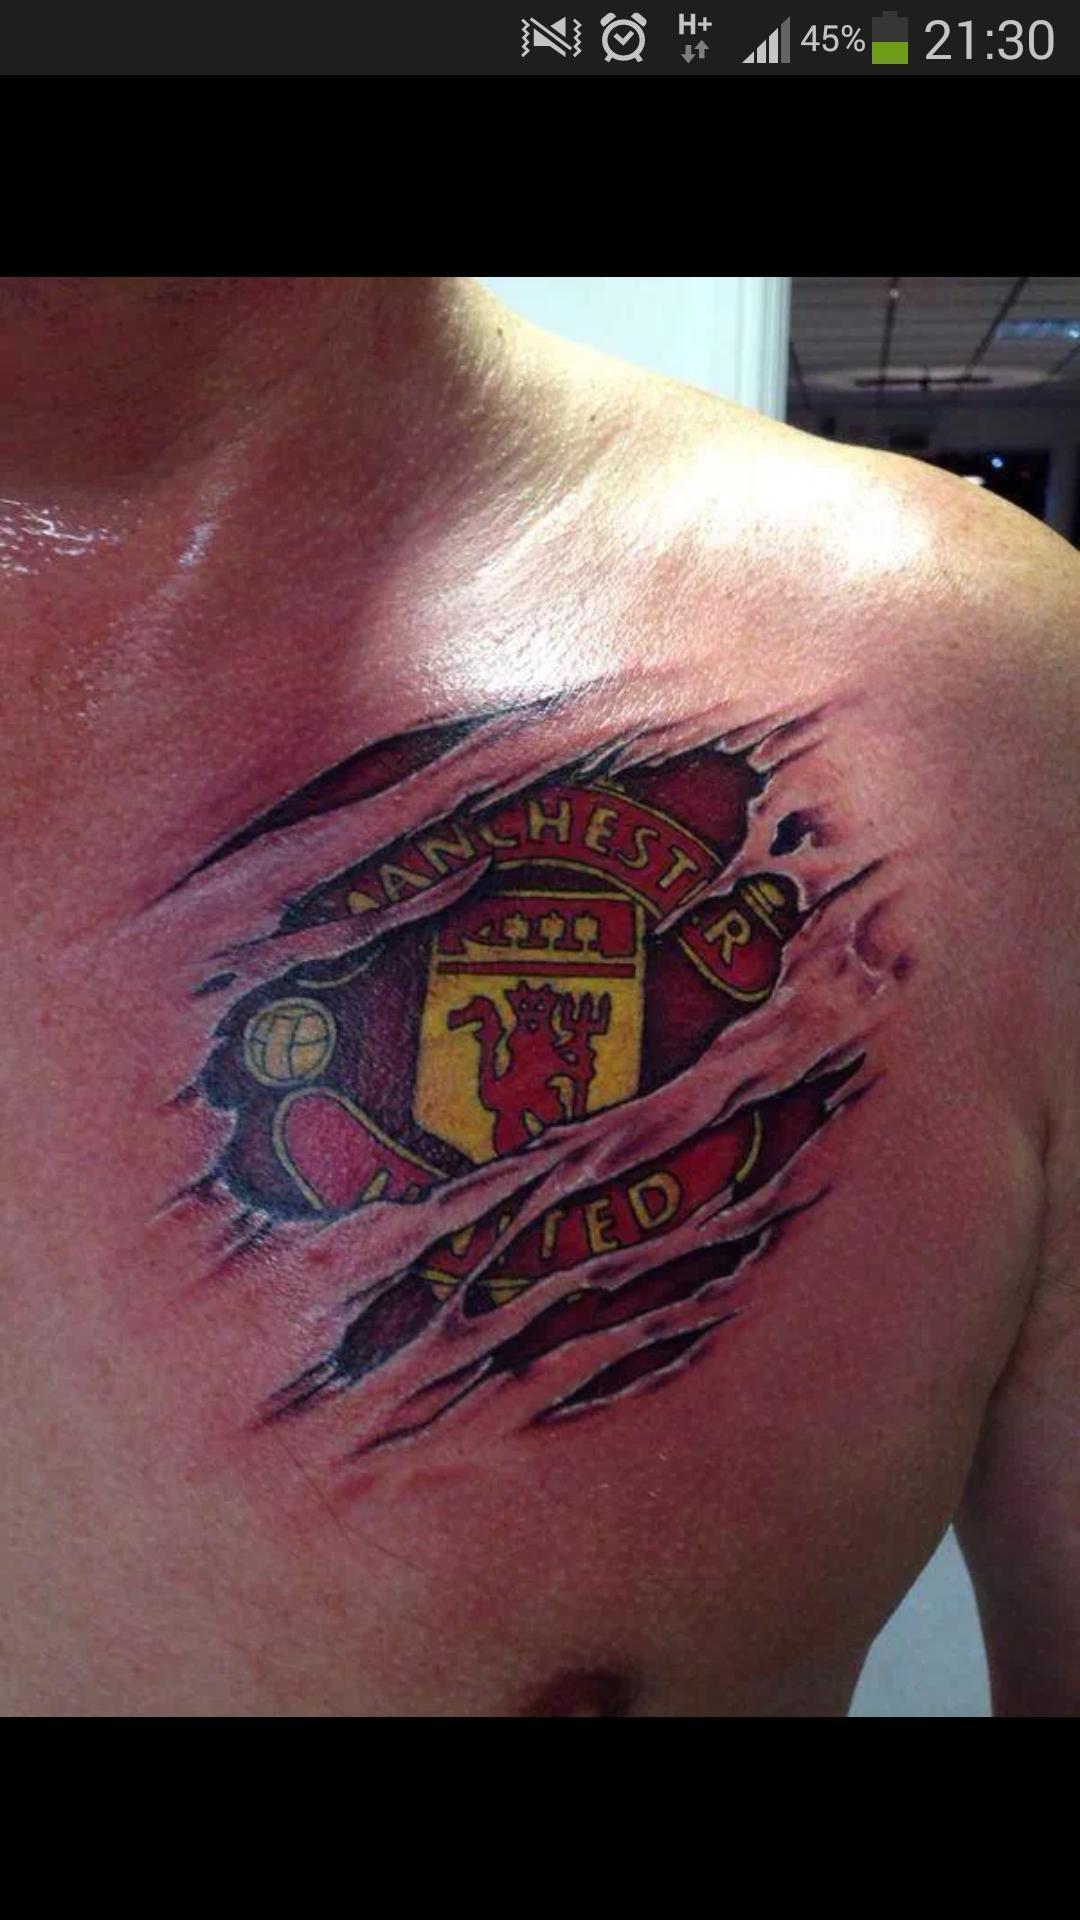 Man Utd Tattoo Manutd Man Utd Tattoo 3d Tattoos For Men Chest Tattoo Men